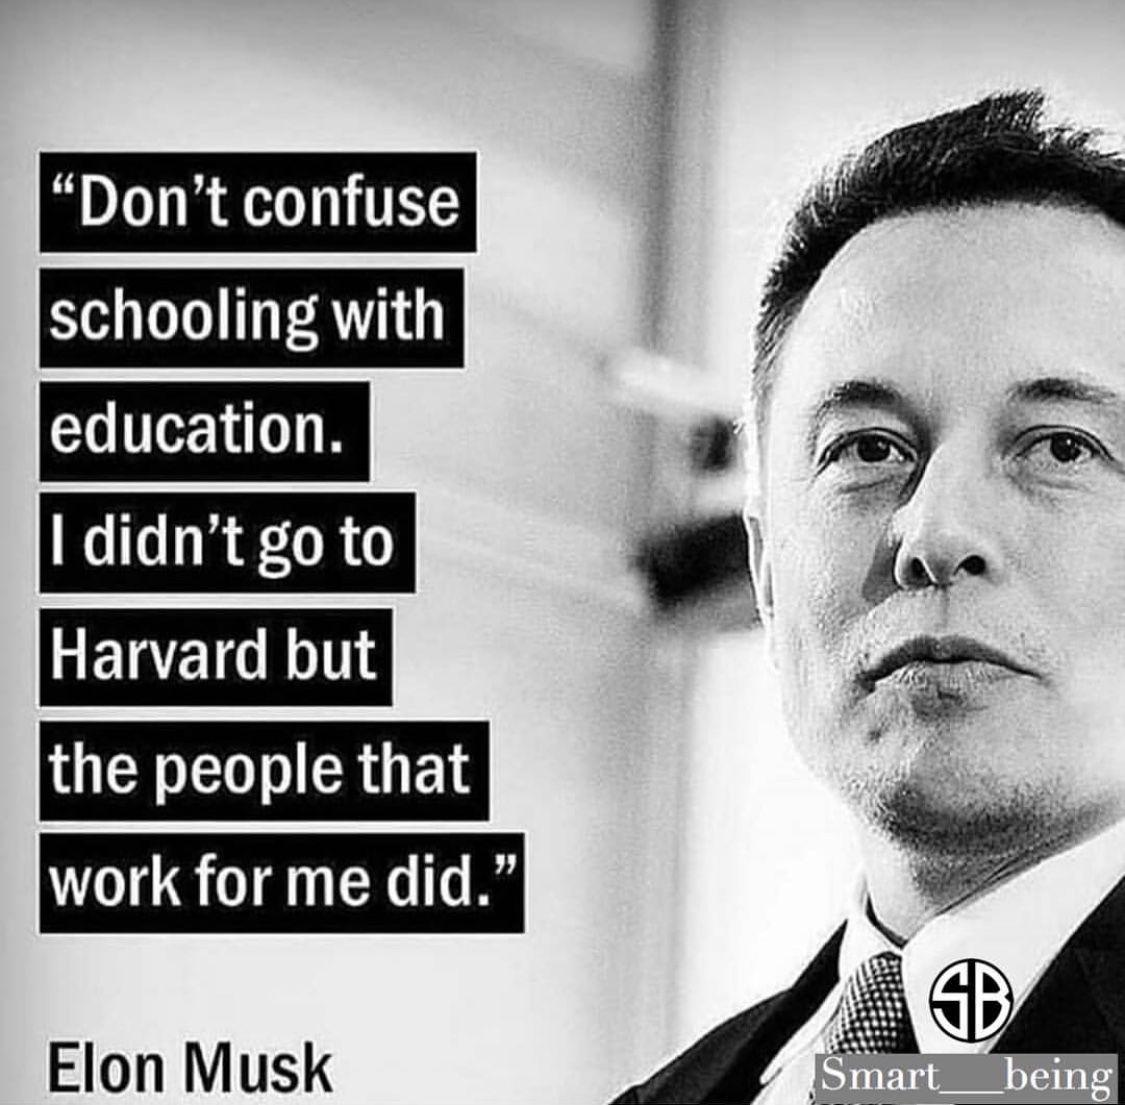 Quotes Rich Quotes Motivational Wealthy Billionaire Lifestyle Achievements Elon Musk Harvard Elon Musk Elon Musk Quotes Motivational Quotes For Success